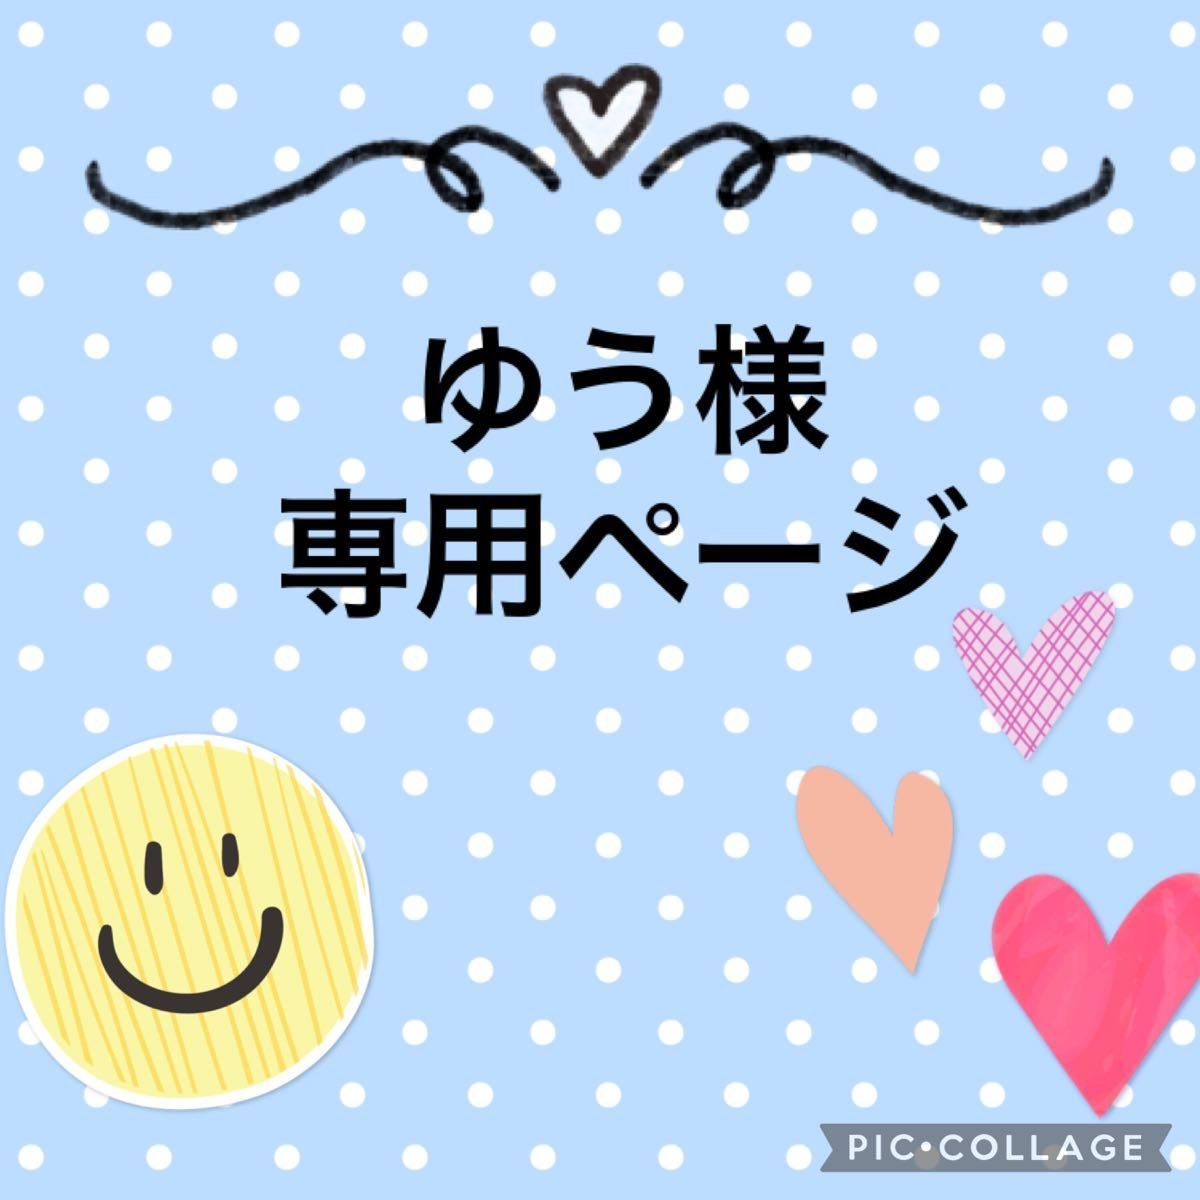 ゆう様 専用ページ